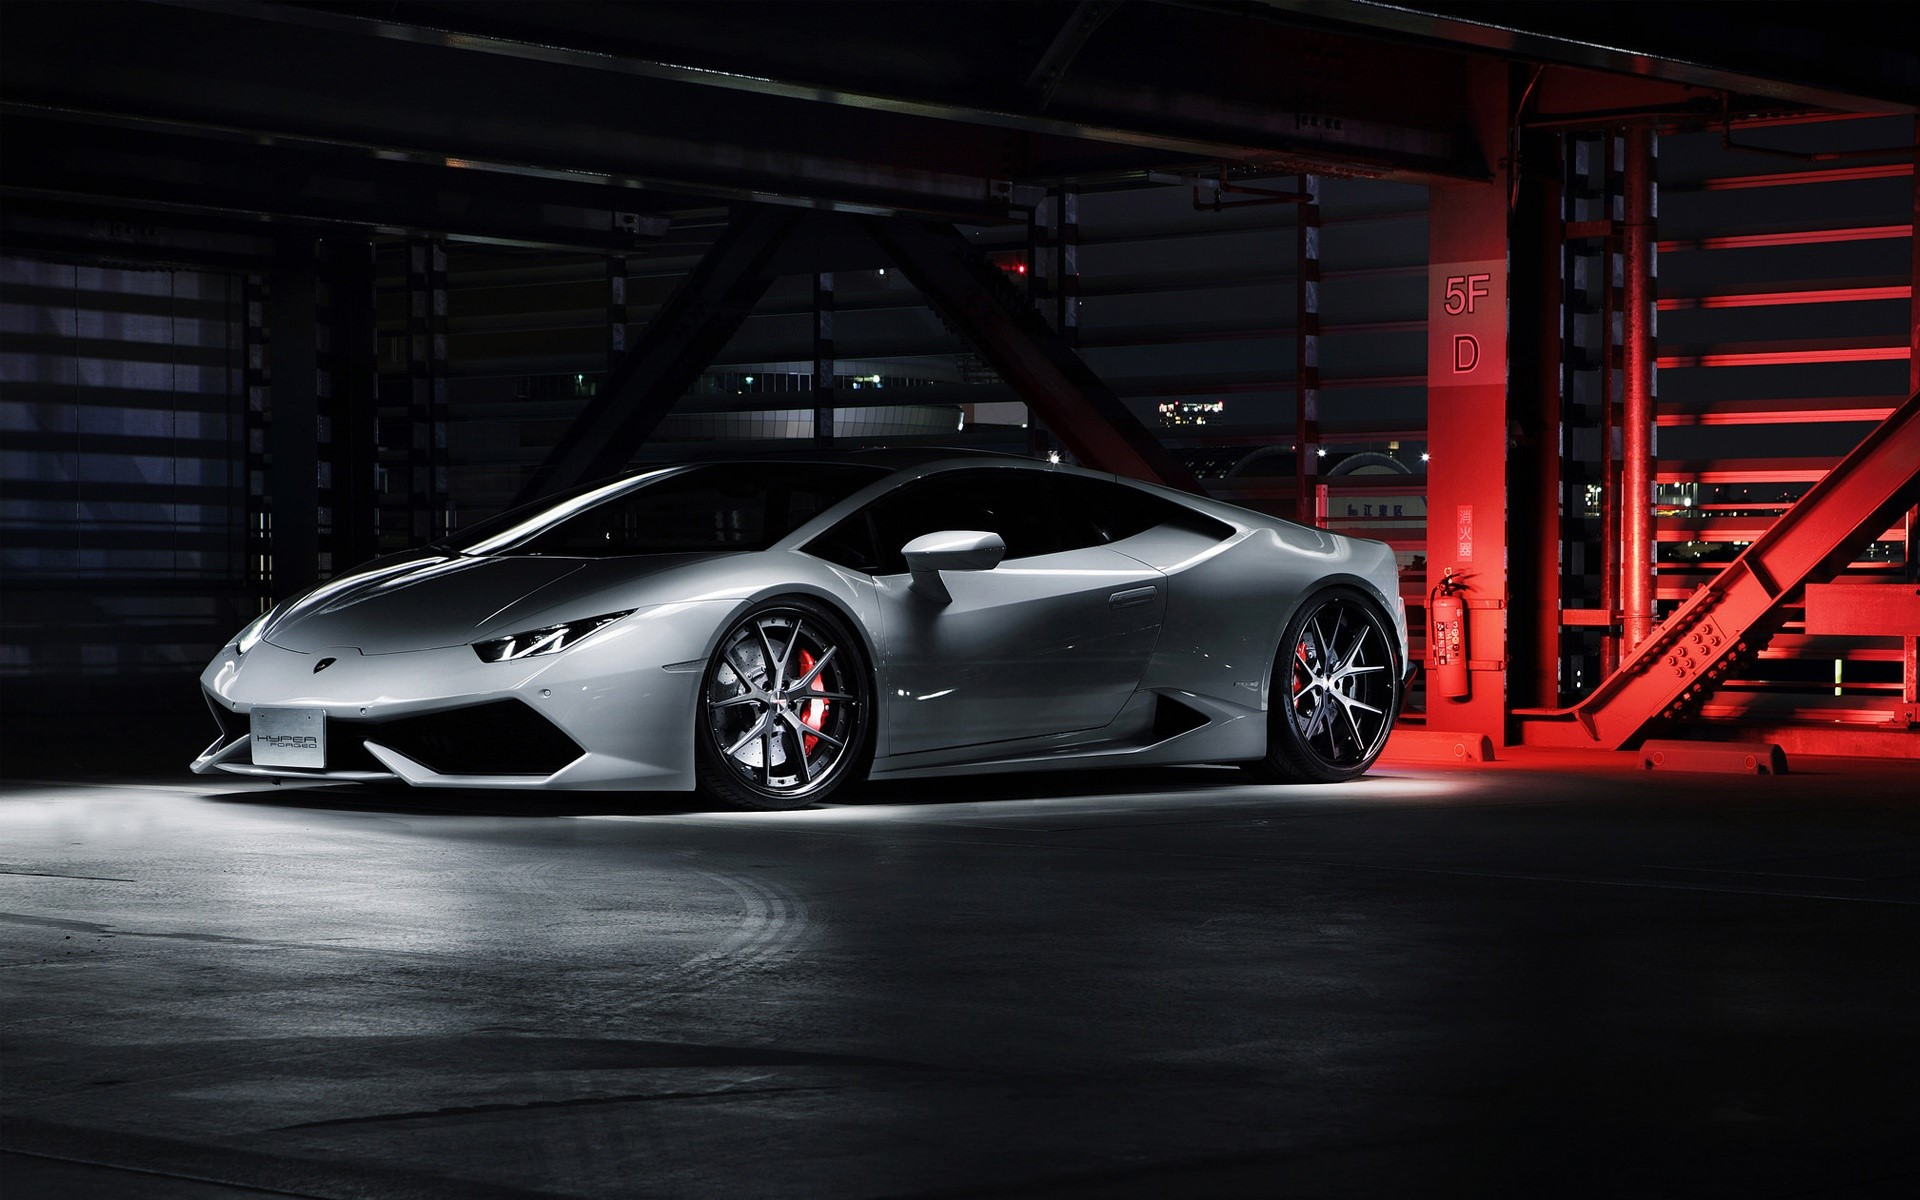 Fondos de pantalla Lamborghini Huracan LP640 4